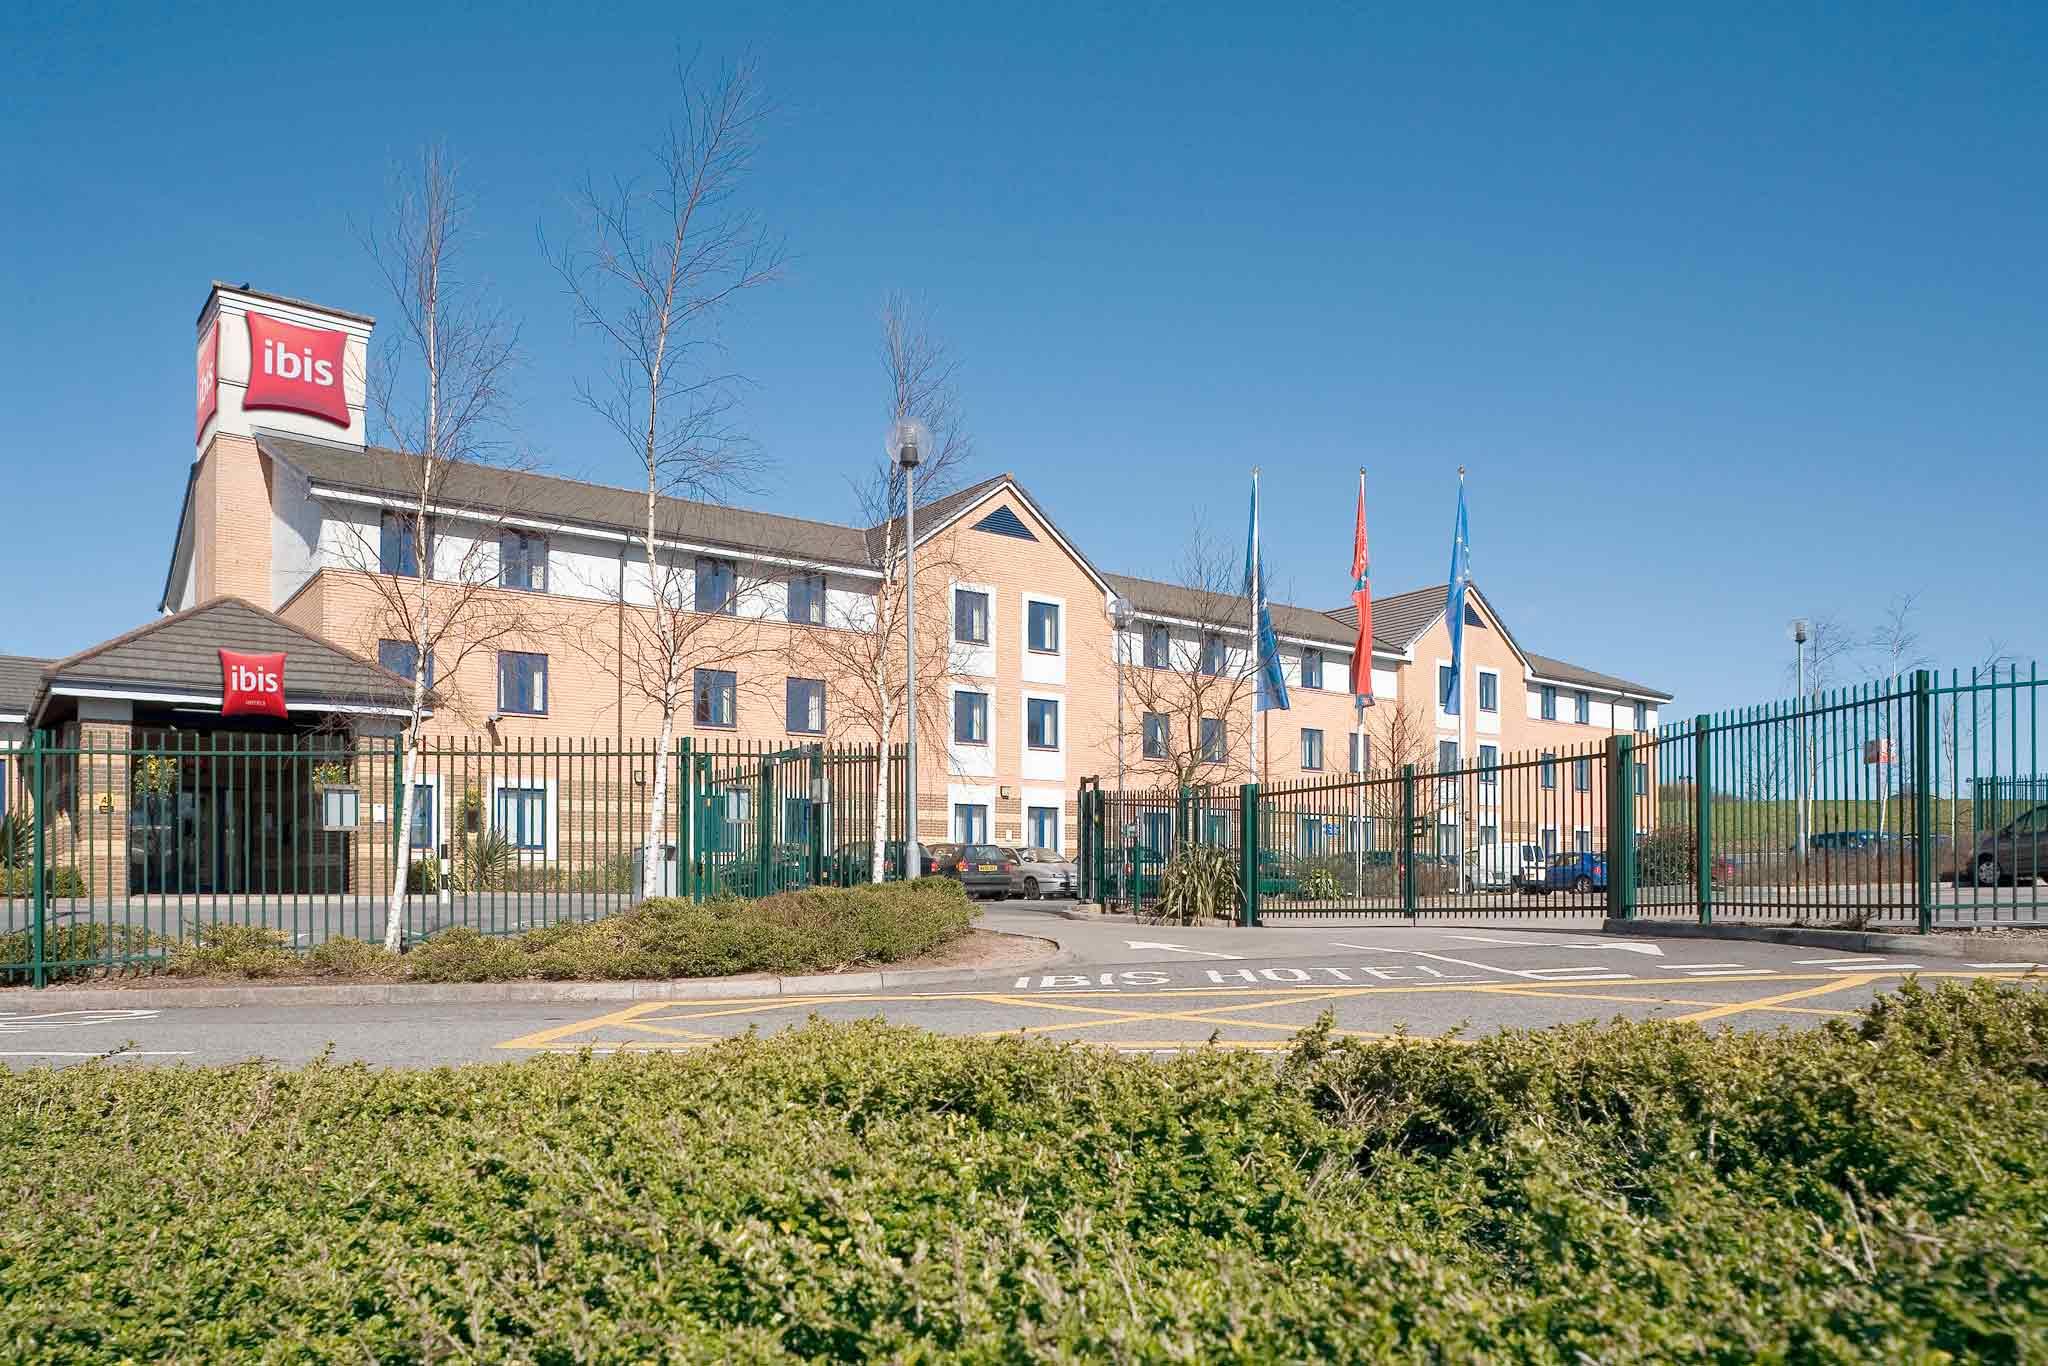 فندق - ibis Cardiff Gate - International Business Park